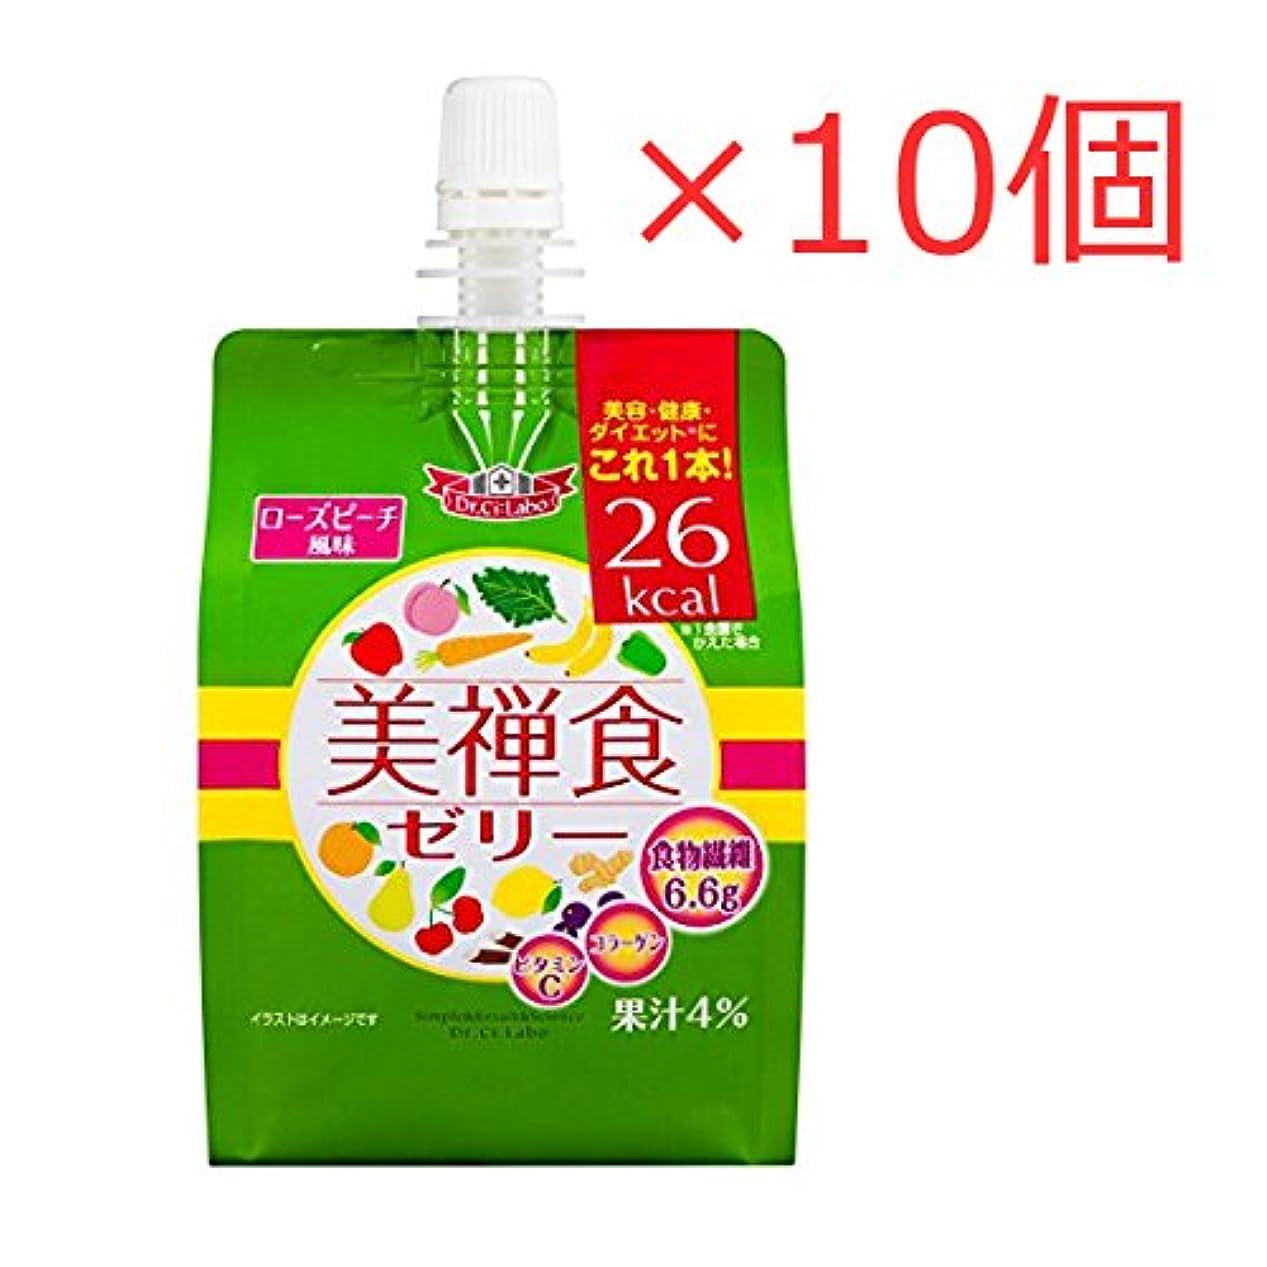 ドーム実際のフロンティアドクターシーラボ 美禅食ゼリー (ローズピーチ風味) 200g×10個セット